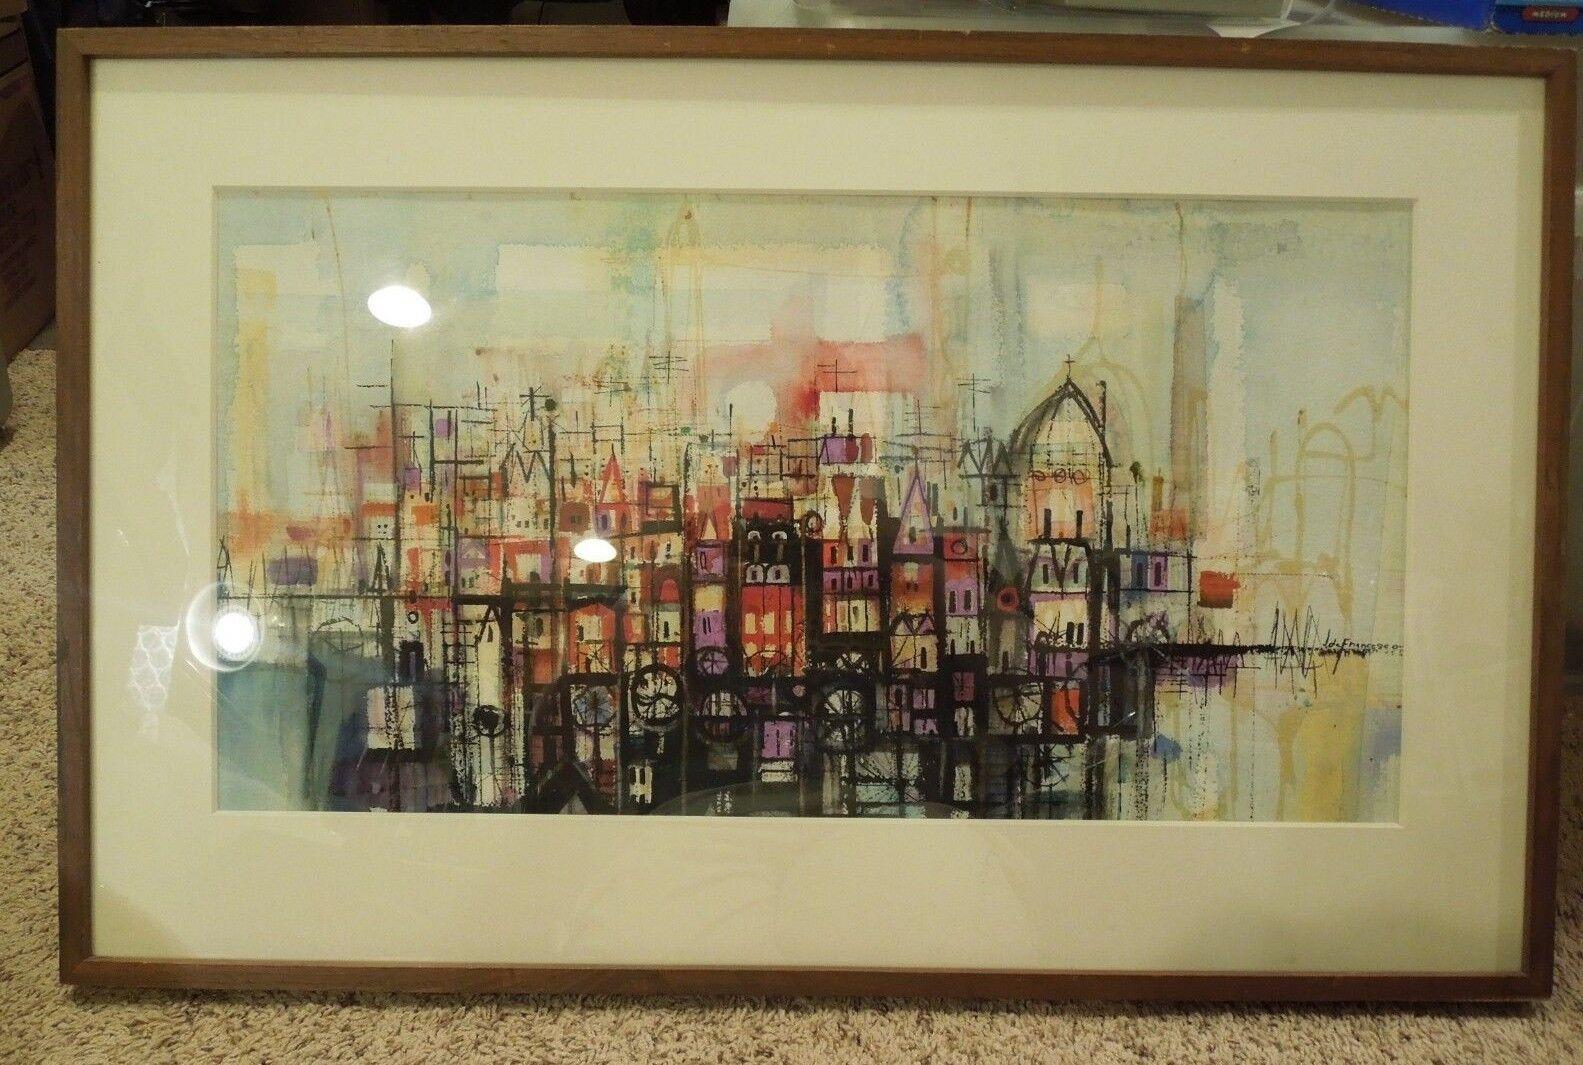 Bunt Abstrakt Stadt Gerahmt von Joseph J Defrancesco Mattierte & Gerahmt Kunst